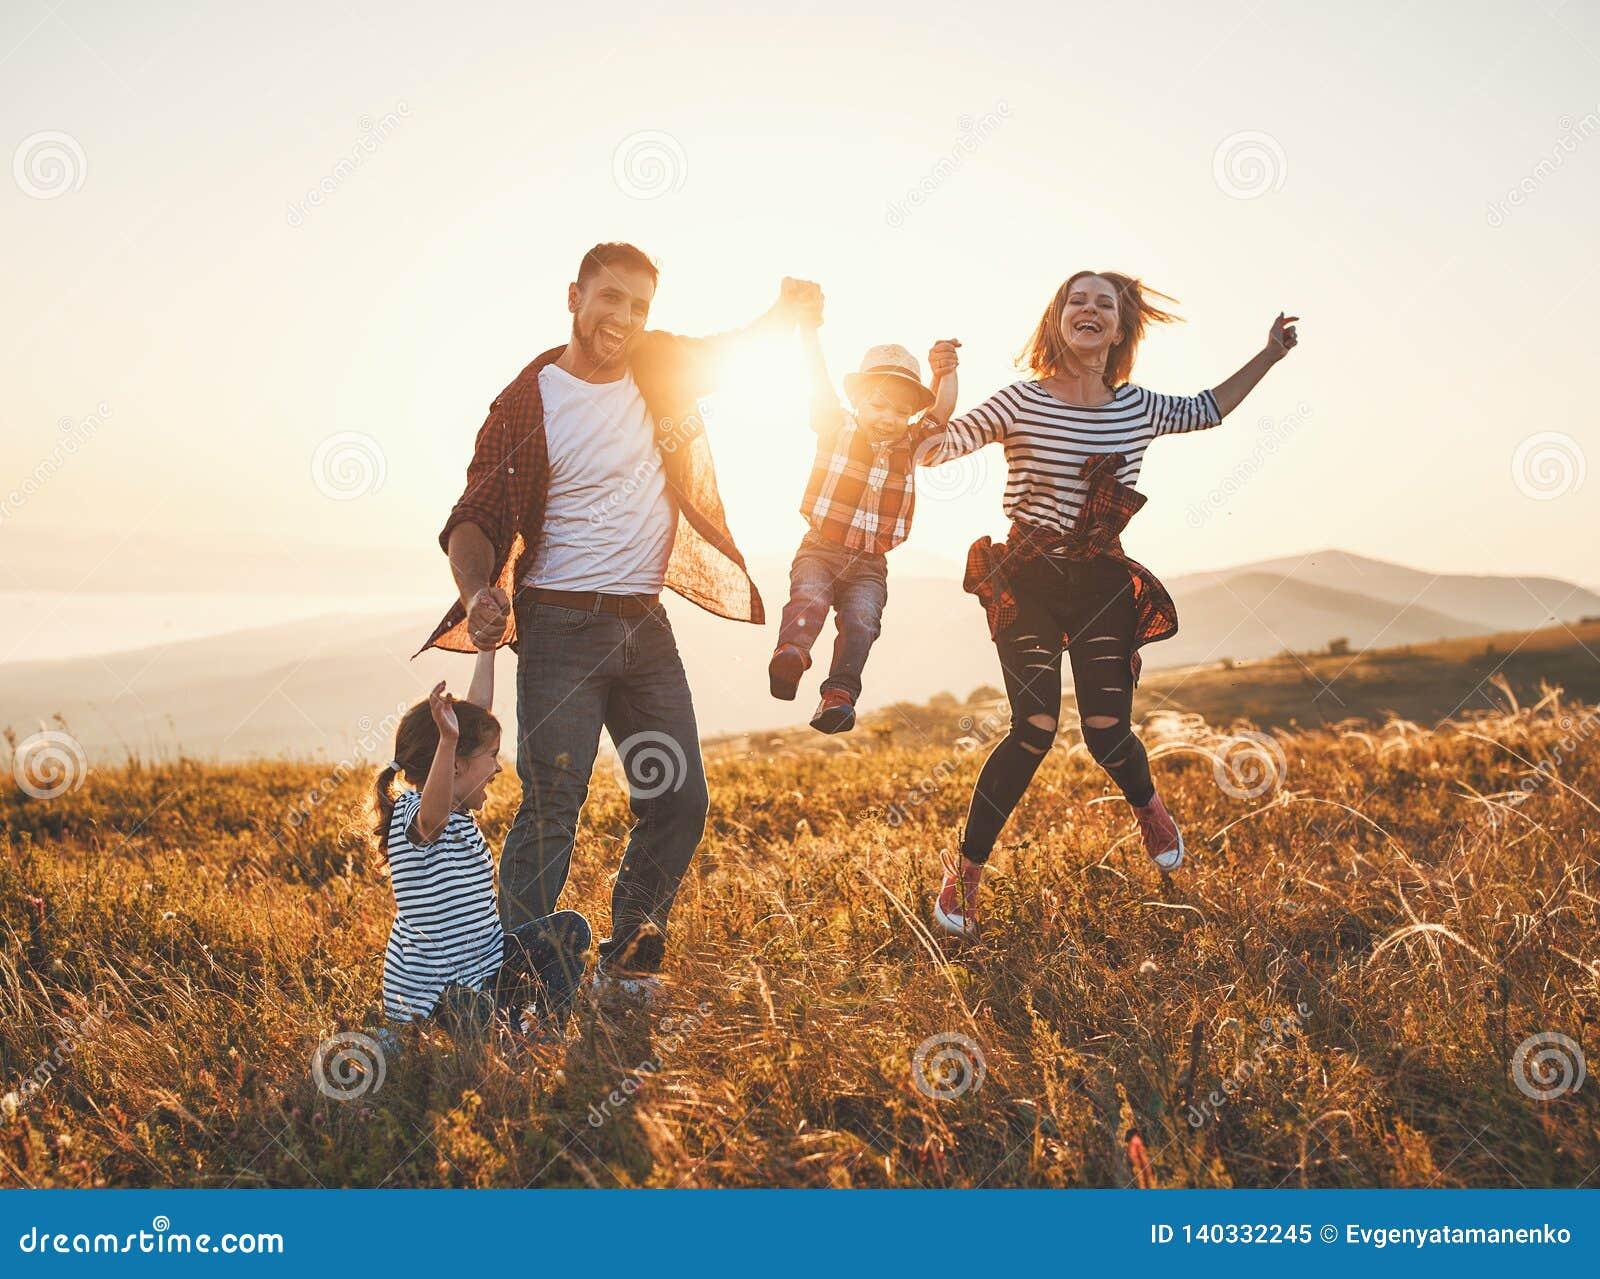 Glückliche Familie: Mutter, Vater, Kinder Sohn und Tochter auf Sonnenuntergang